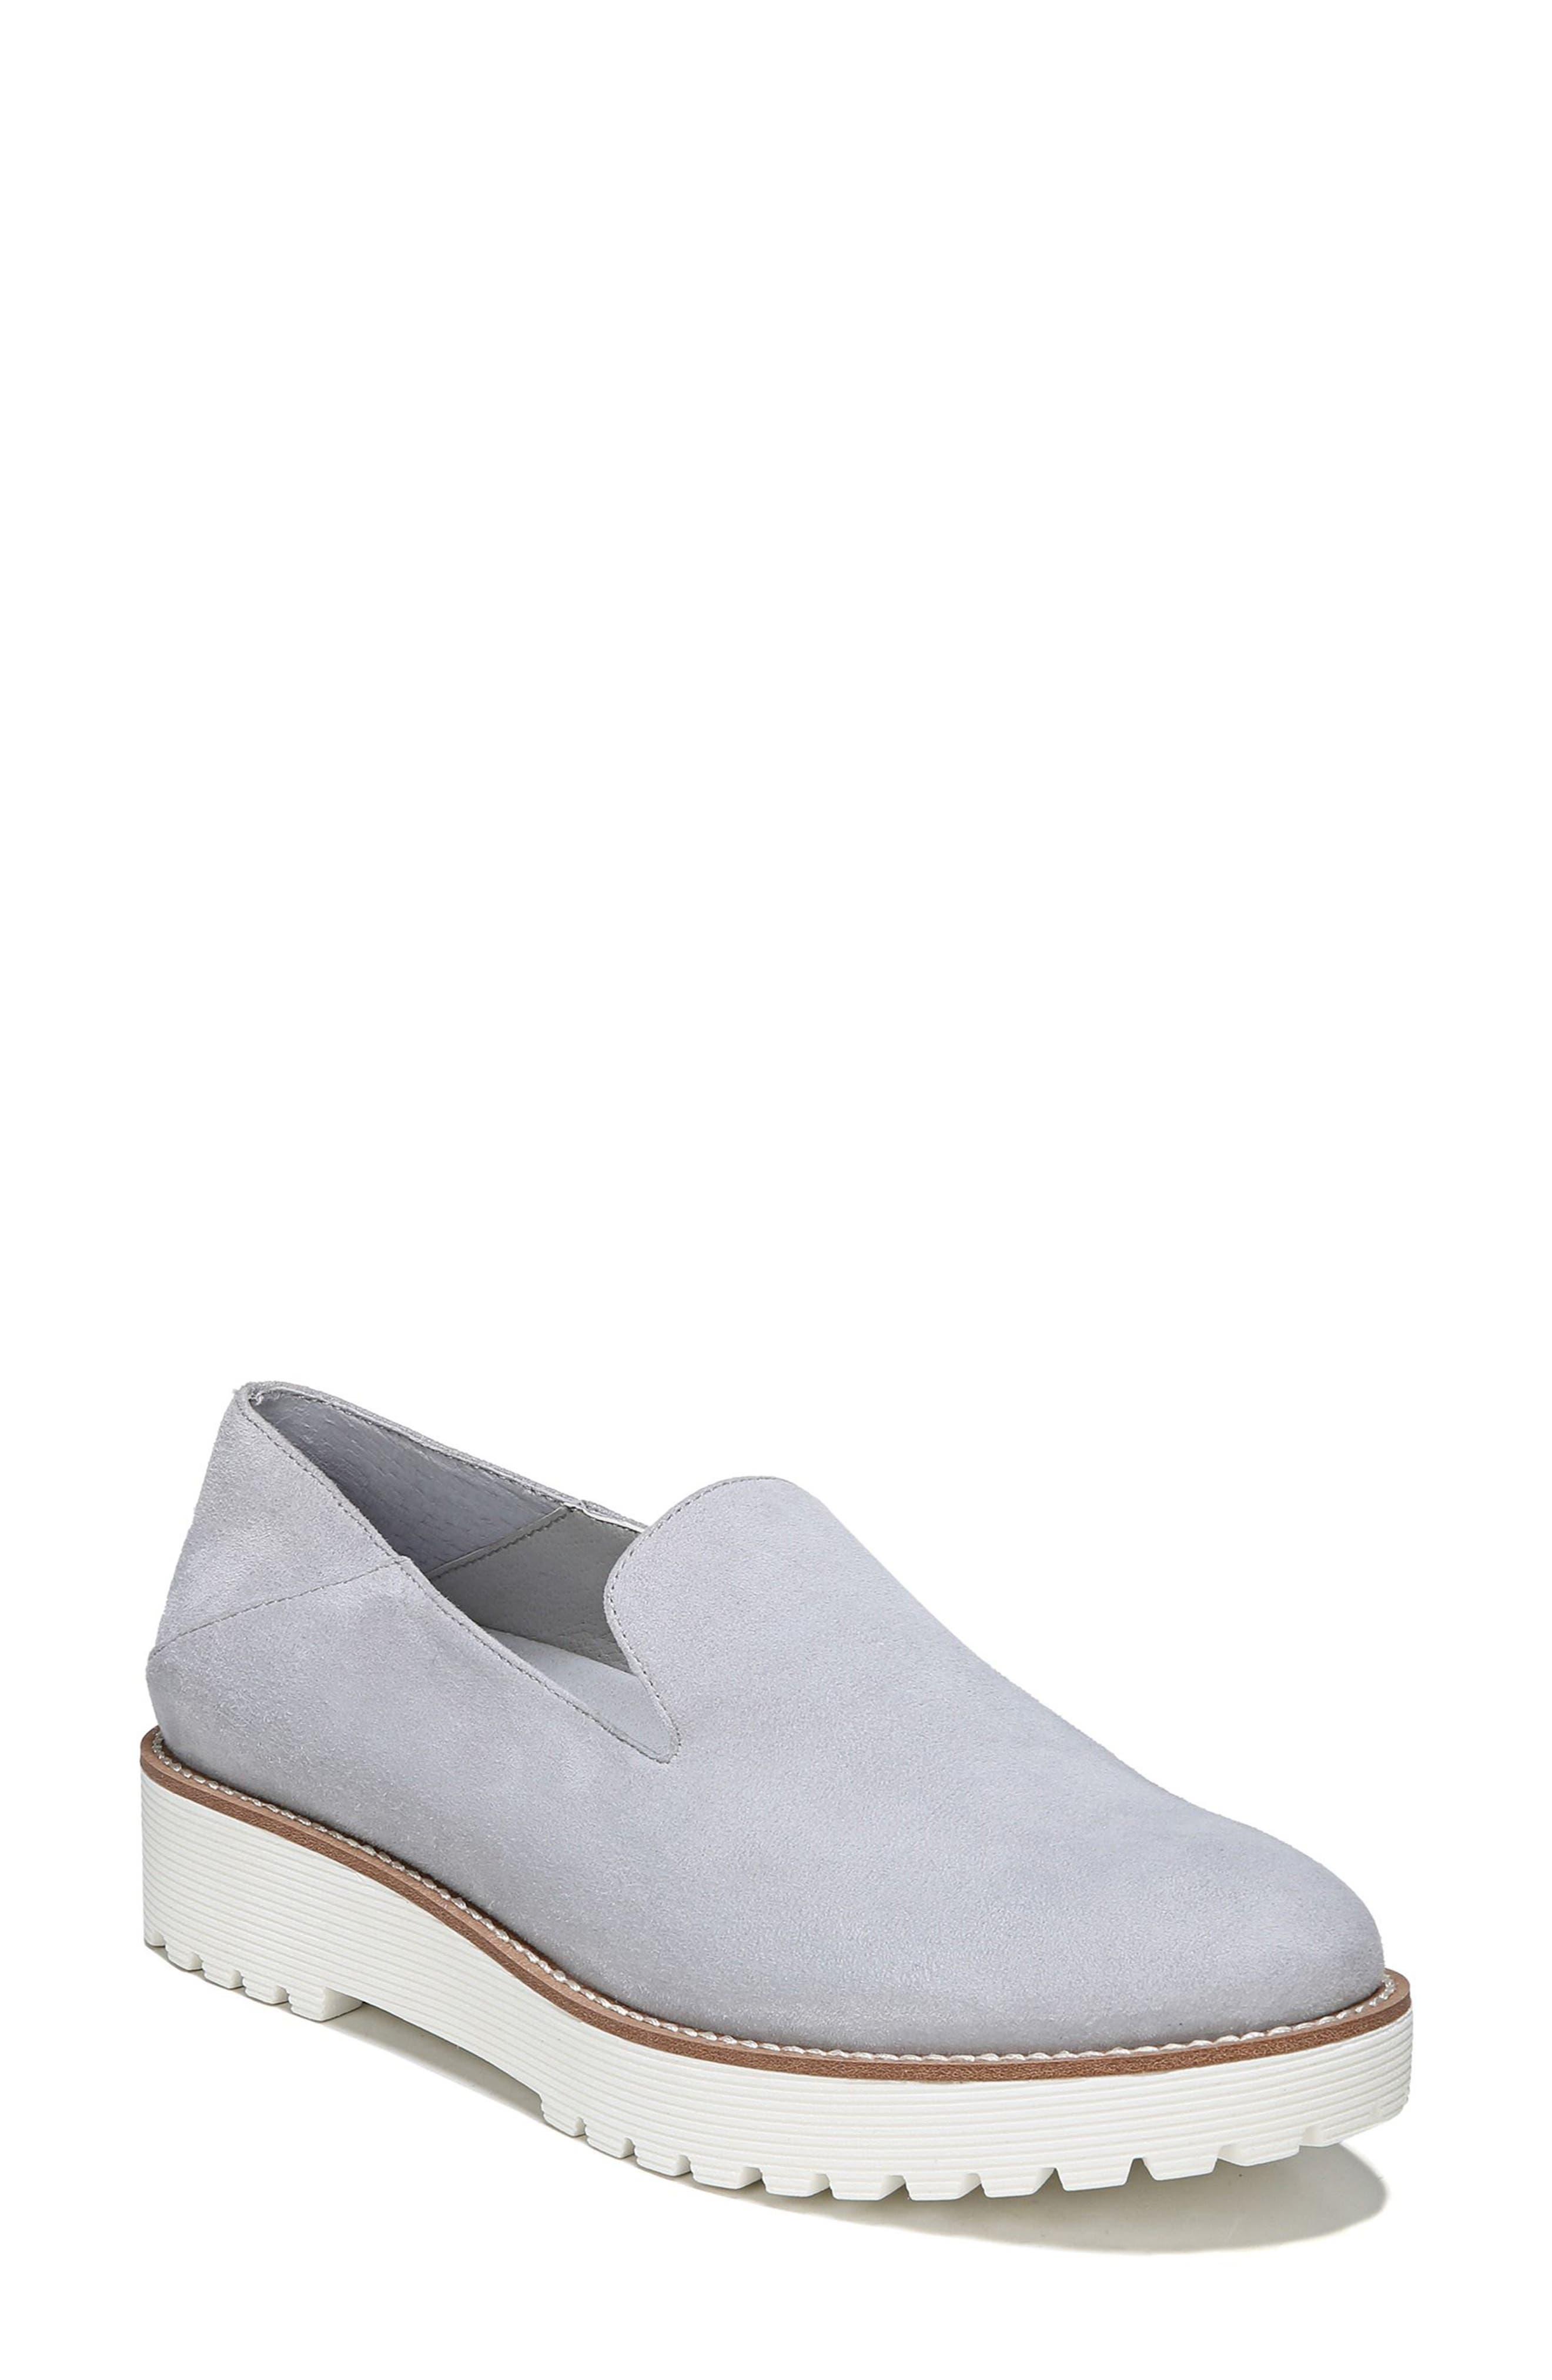 Jaxton Loafer,                         Main,                         color, Artic Grey Suede